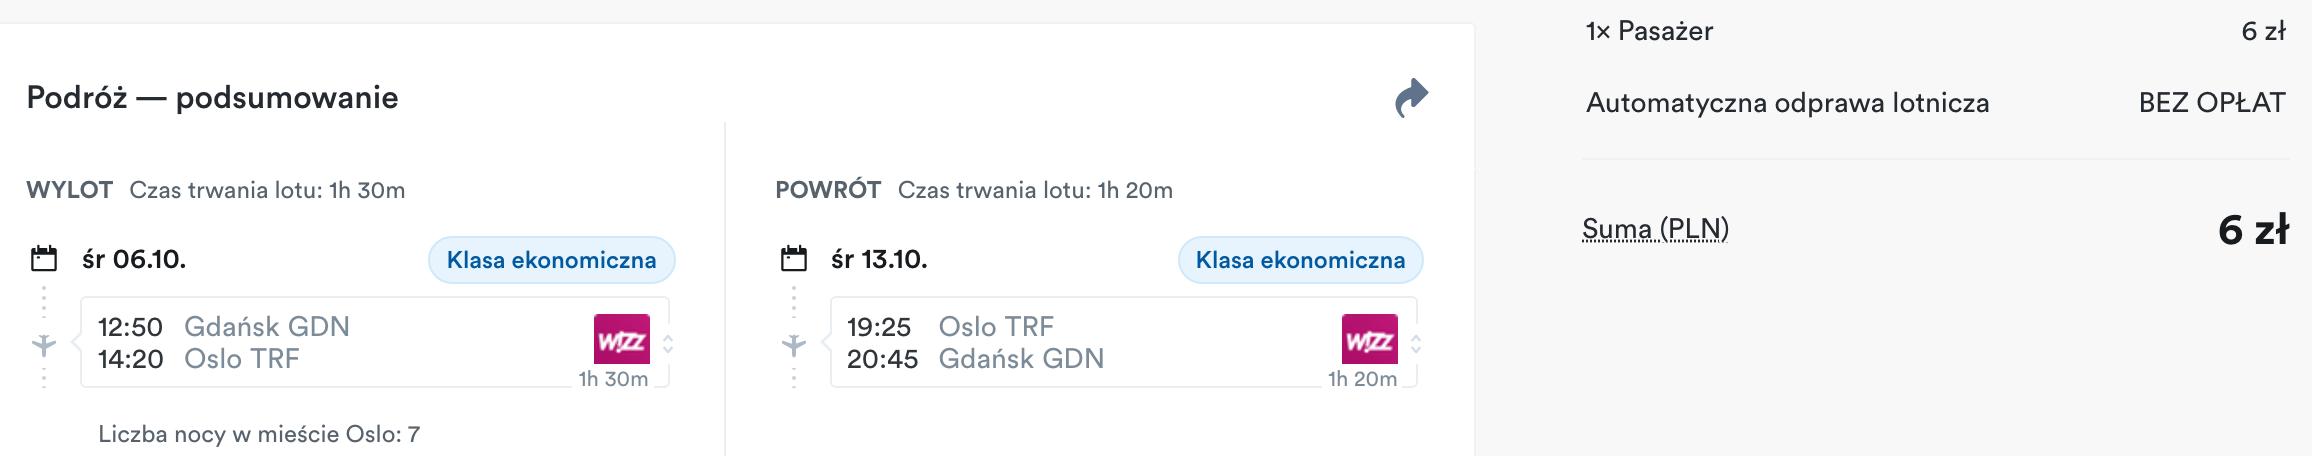 Partner Link skyscanner_pl_flight_affiliate